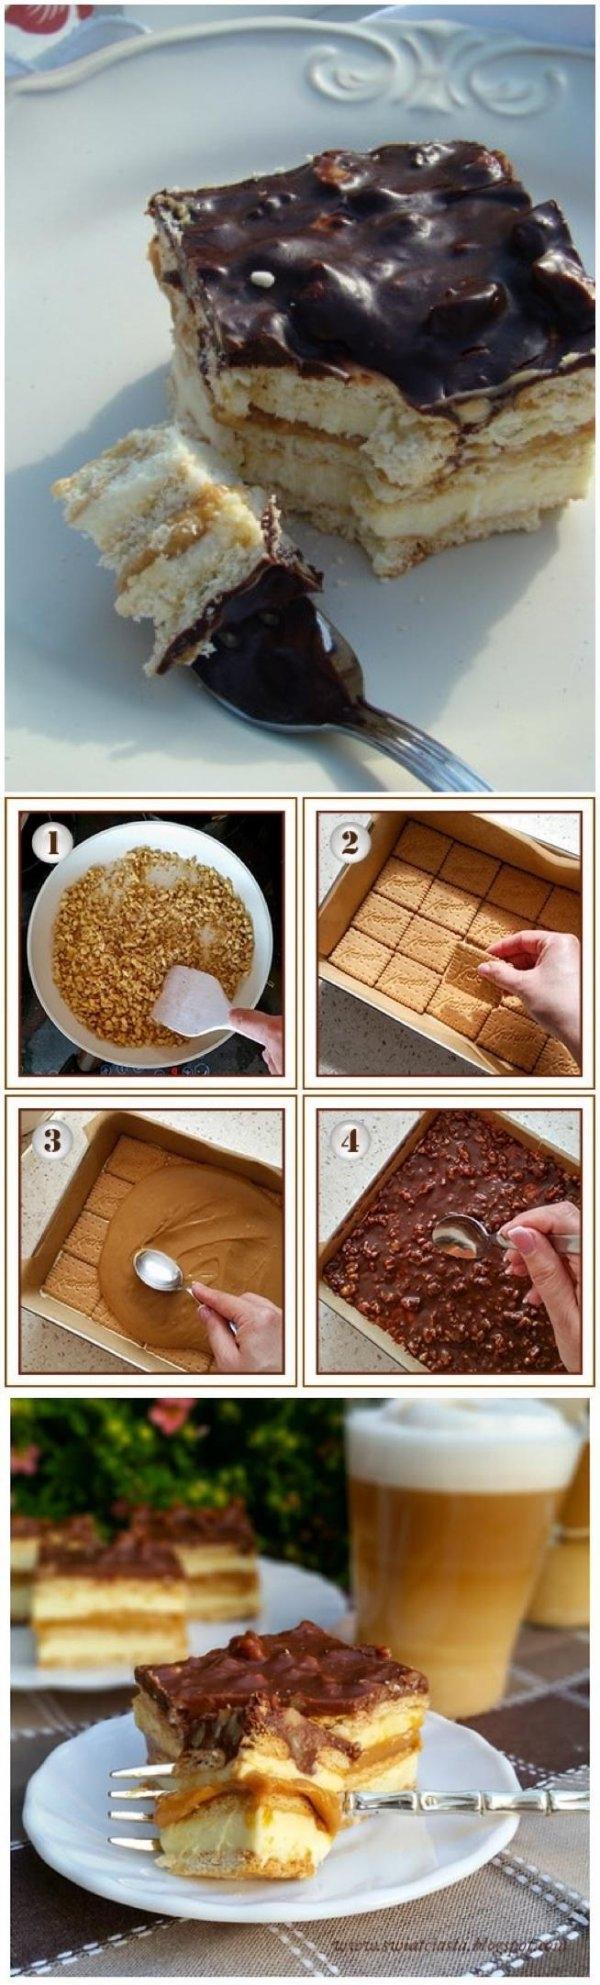 MAXI KING CIASTO SKLADNIKI: ok. 400 g herbatników, 1 puszka gotowego masy krówkowej (lub mleka skondensowanego słodzonego gotowanego przez 2,5 - 3 godziny) SKLADNIKI MASY MLECZNEJ: 1,5 kostki miękkiego masła, 1 szklanka mleka, 3/4 szklanki cukru, 2 łyżeczki cukru waniliowego, 400 - 500 g mleka w proszku (miałkiego) SKLADNIKI POLEWY; 2 czekolady gorzkie, 1/2 szklanki kremówki, 150 g orzechów laskowych (ew. ziemnych) WYKONANIE Orzeszki posiekać i podprażyć na suchej patelni (fot.1). Blachę wyłożyć papierem do pieczenia. Położyć pierwszą warstwę herbatników (fot.2). Szklankę mleka, cukier i cukier waniliowy zagotować i odstawić do ostygnięcia. Masło utrzeć na gładką i puszystą masę, a następnie dodać mleko i mleko w proszku (wedle uznania od 3 do 4 szklanek). Utrzeć. Masę na chwilę odstawić do lodówki, żeby trochę zgęstniała. Następnie połowę masy mlecznej wyłożyć na herbatniki i przykryć następną warstwą herbatników. Przygotować masę krówkową. Dobrze jest ją wcześniej podgrzać wkładając puszkę do garnka z wodą i chwilę pogotować. Będzie się lepiej rozprowadzać (fot.3). Wyłożyć ją na herbatniki. Bezpośrednio na masę krówkową rozprowadzić resztę masy mlecznej, a na nią warstwę herbatników. Czekoladę roztopić w rondelku razem z mlekiem. Kiedy się rozpuści, dodać orzeszki i polać nią wierzch ciasta (fot.4). Całość schłodzić w lodówce przez minimum 3 godziny. Mmm pycha : )